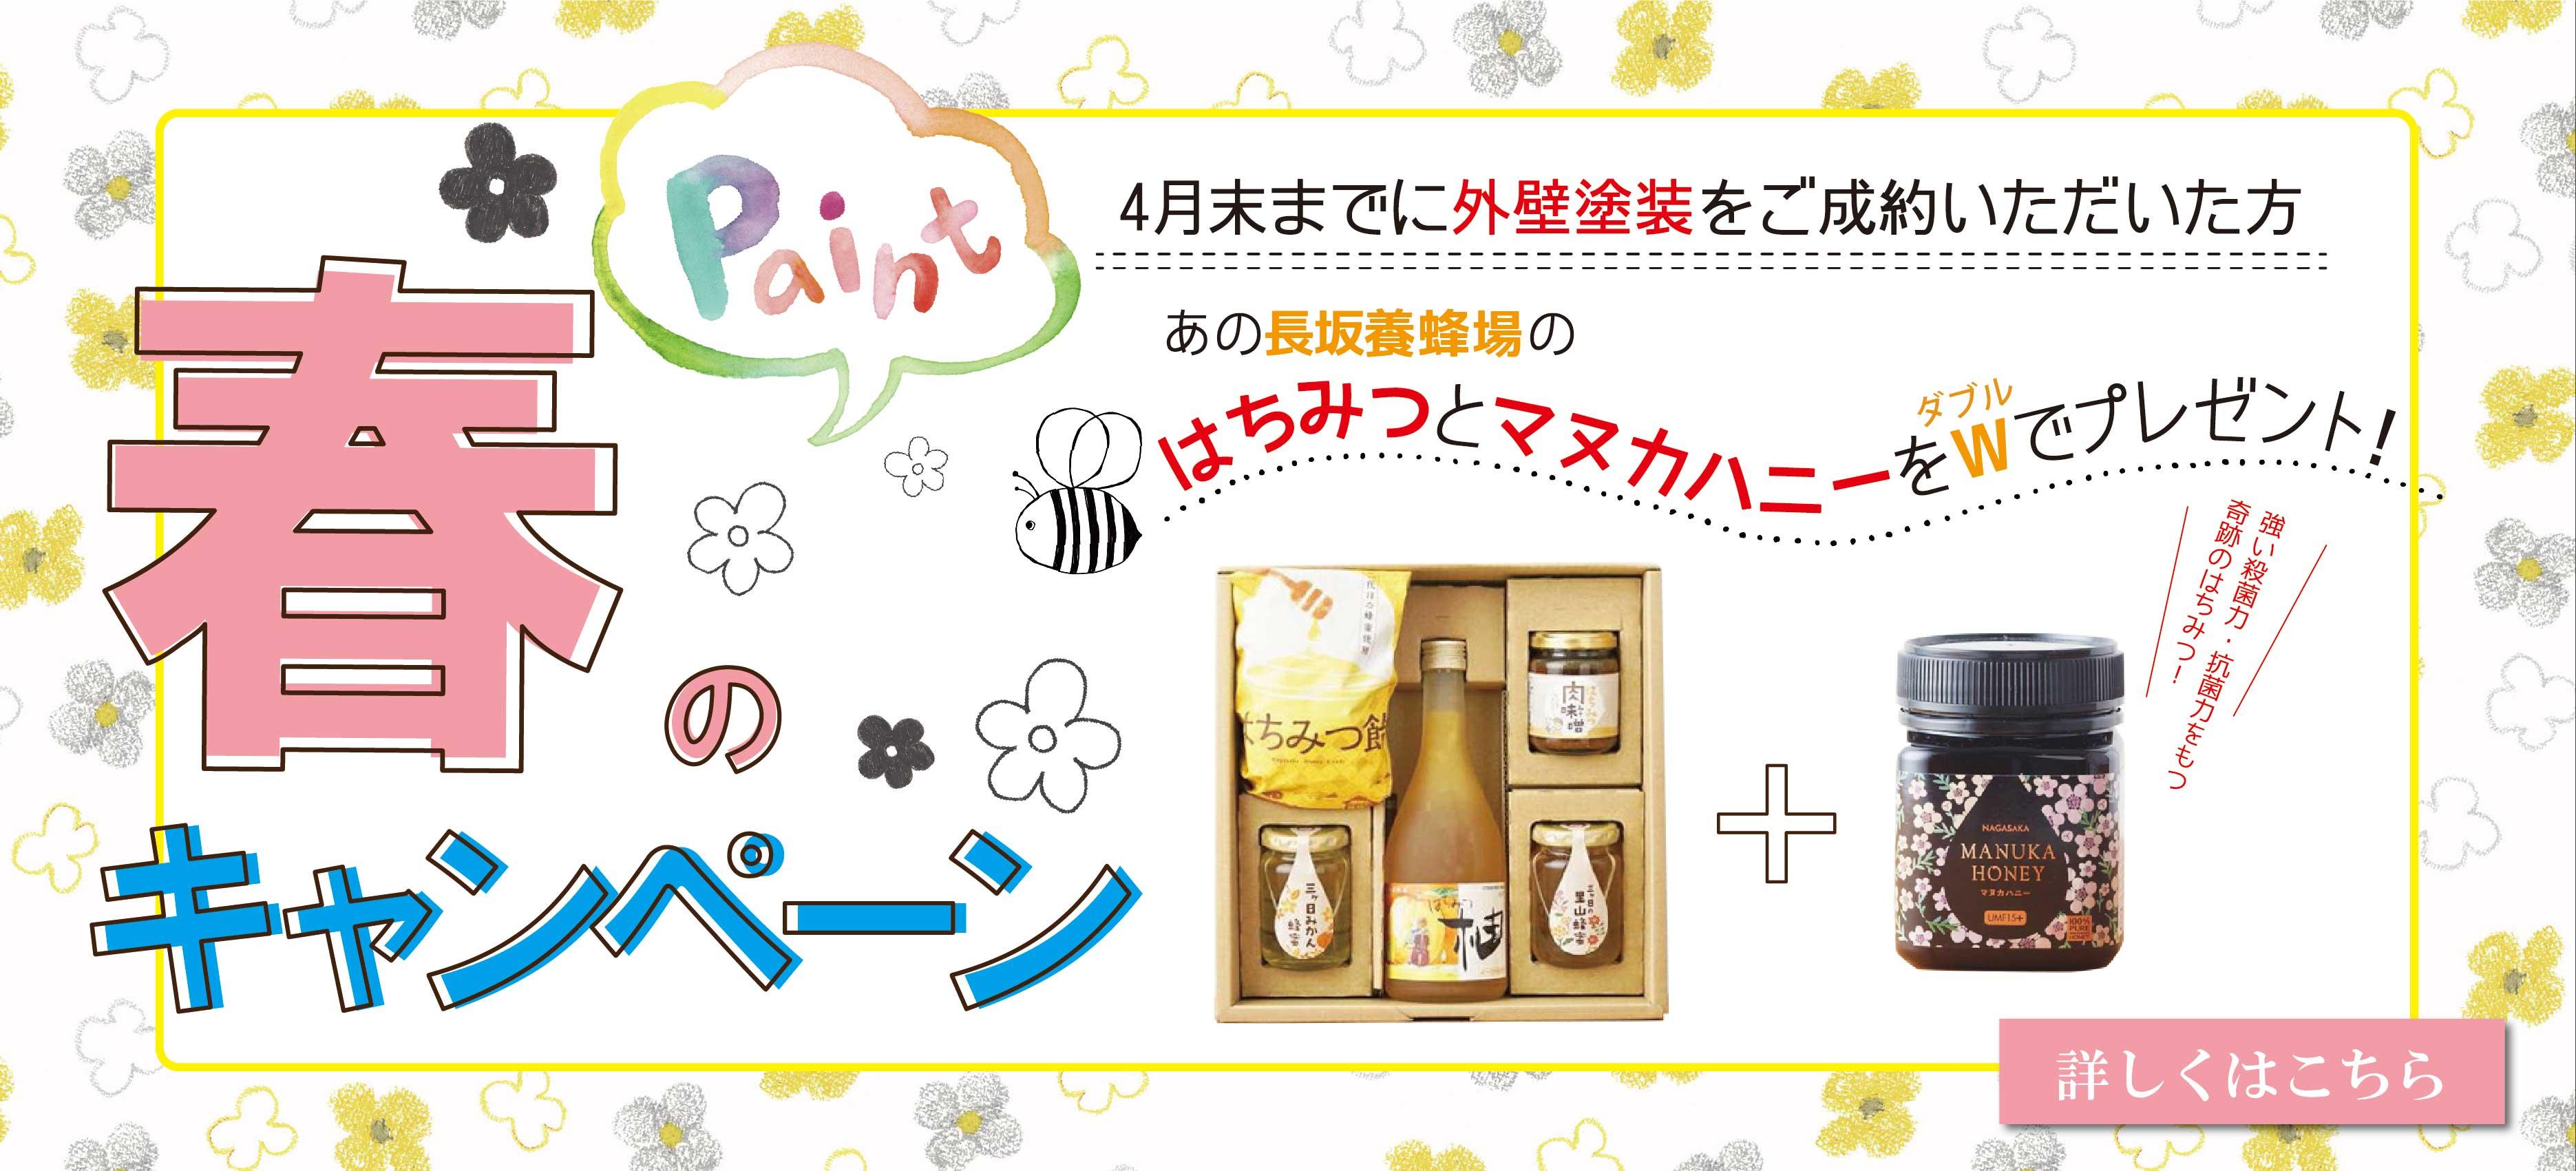 4月末までのご成約で長坂養蜂場のはちみつプレゼント!!